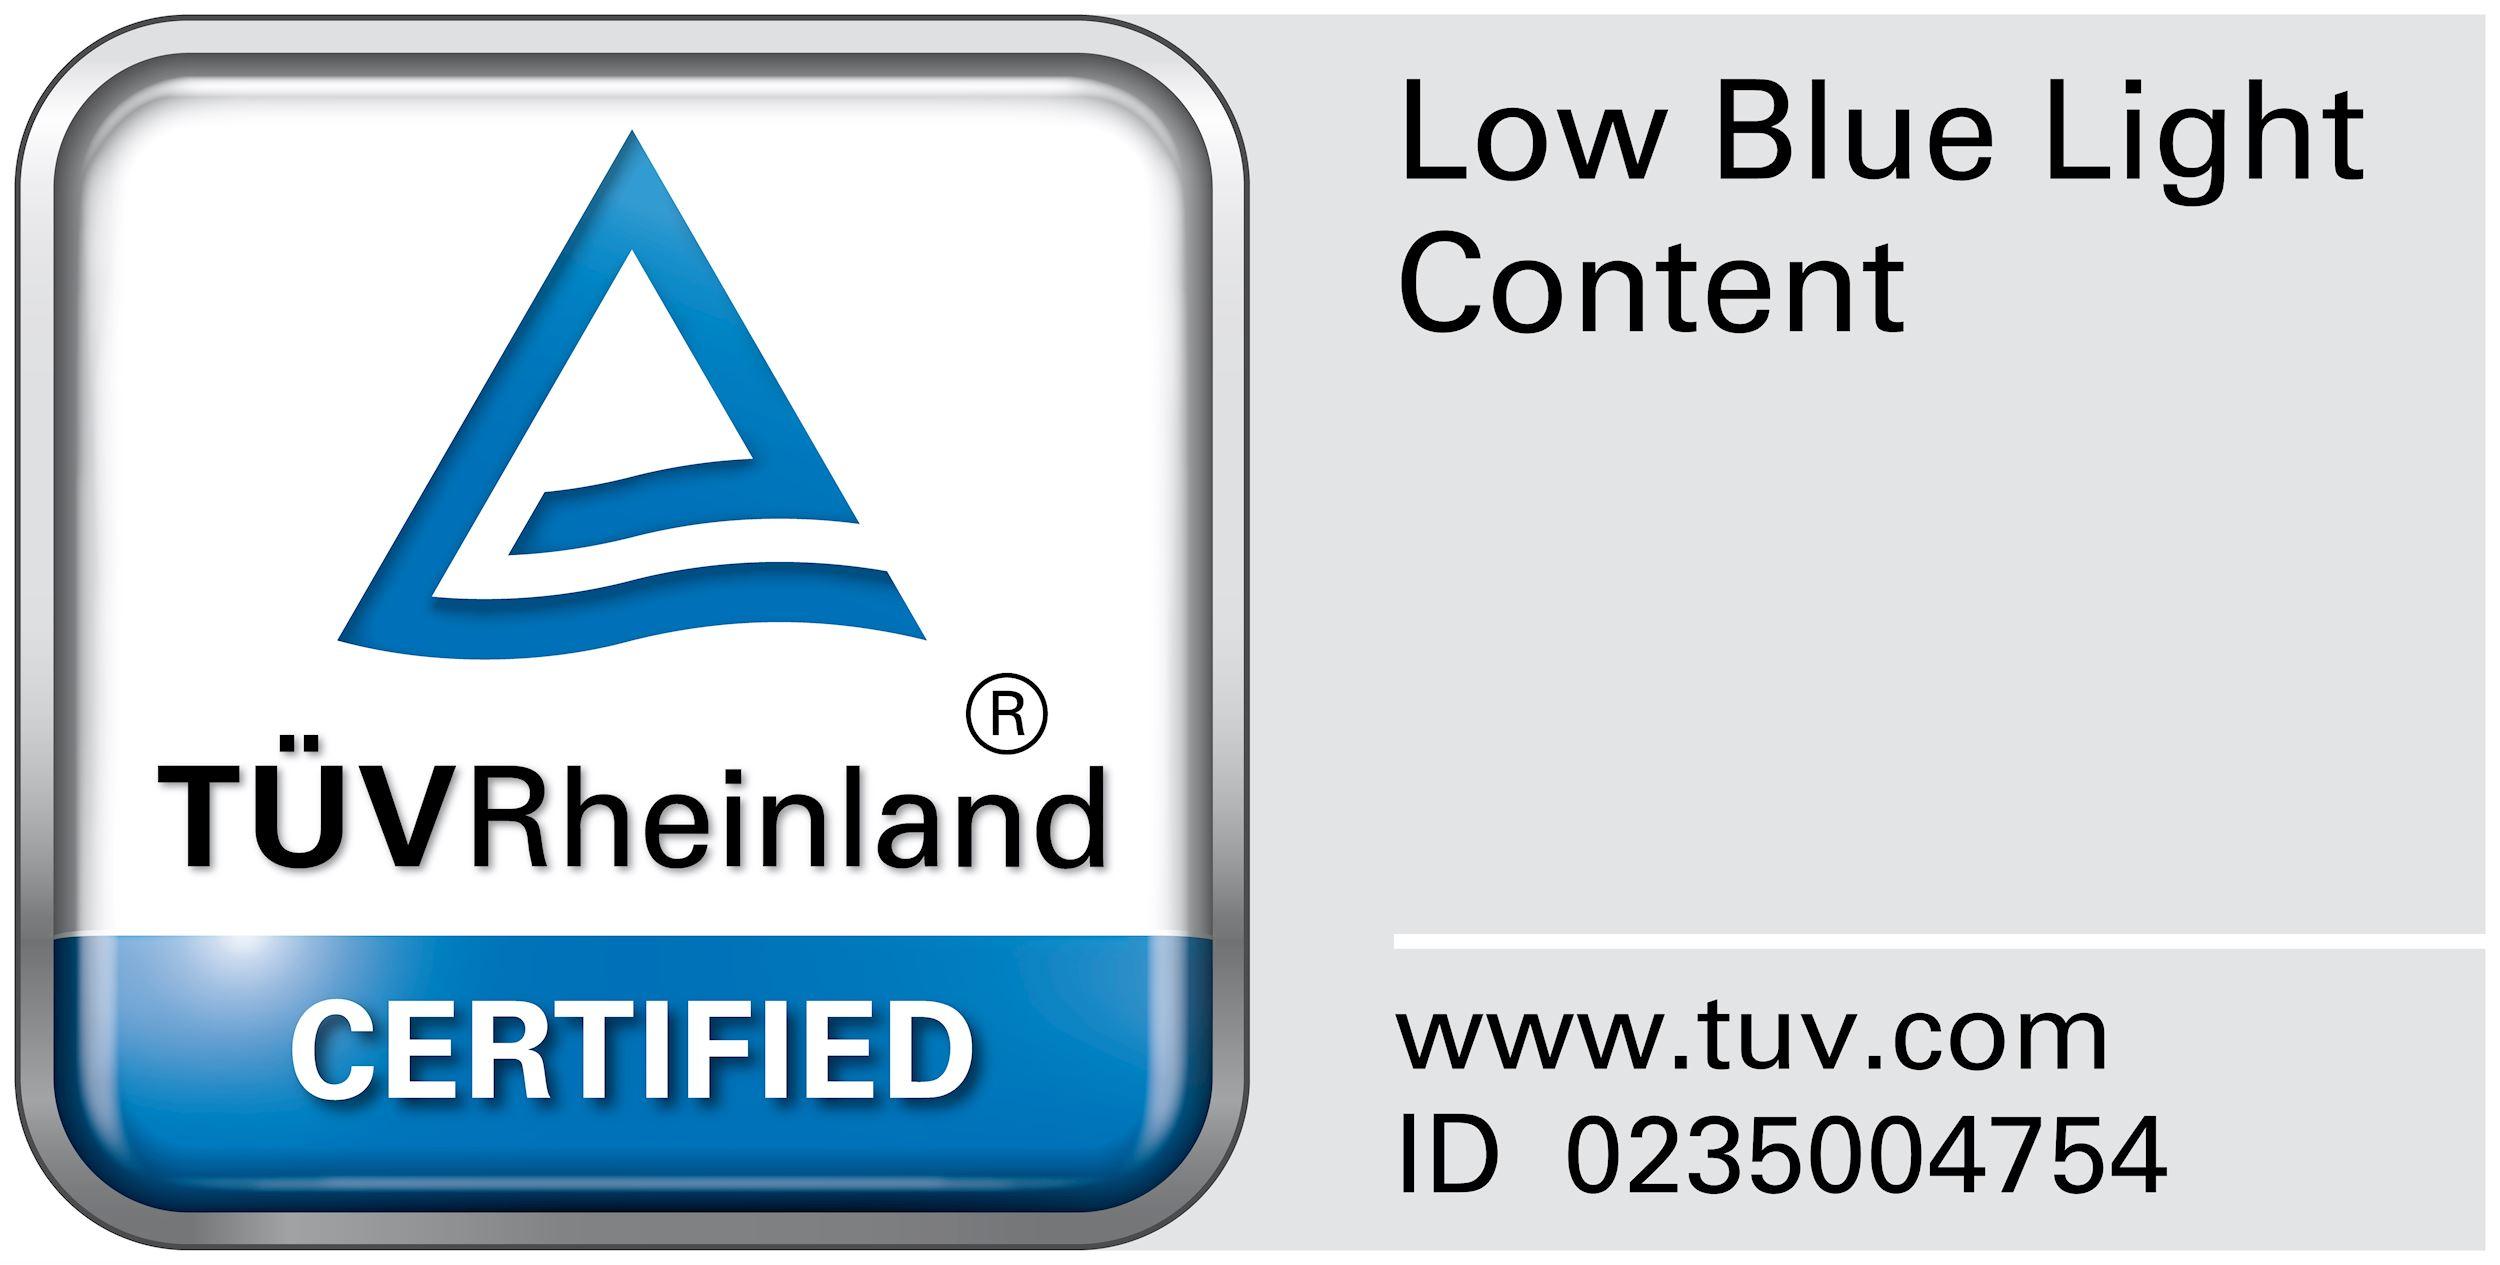 Certificación TUV, luz azul de baja intensidad